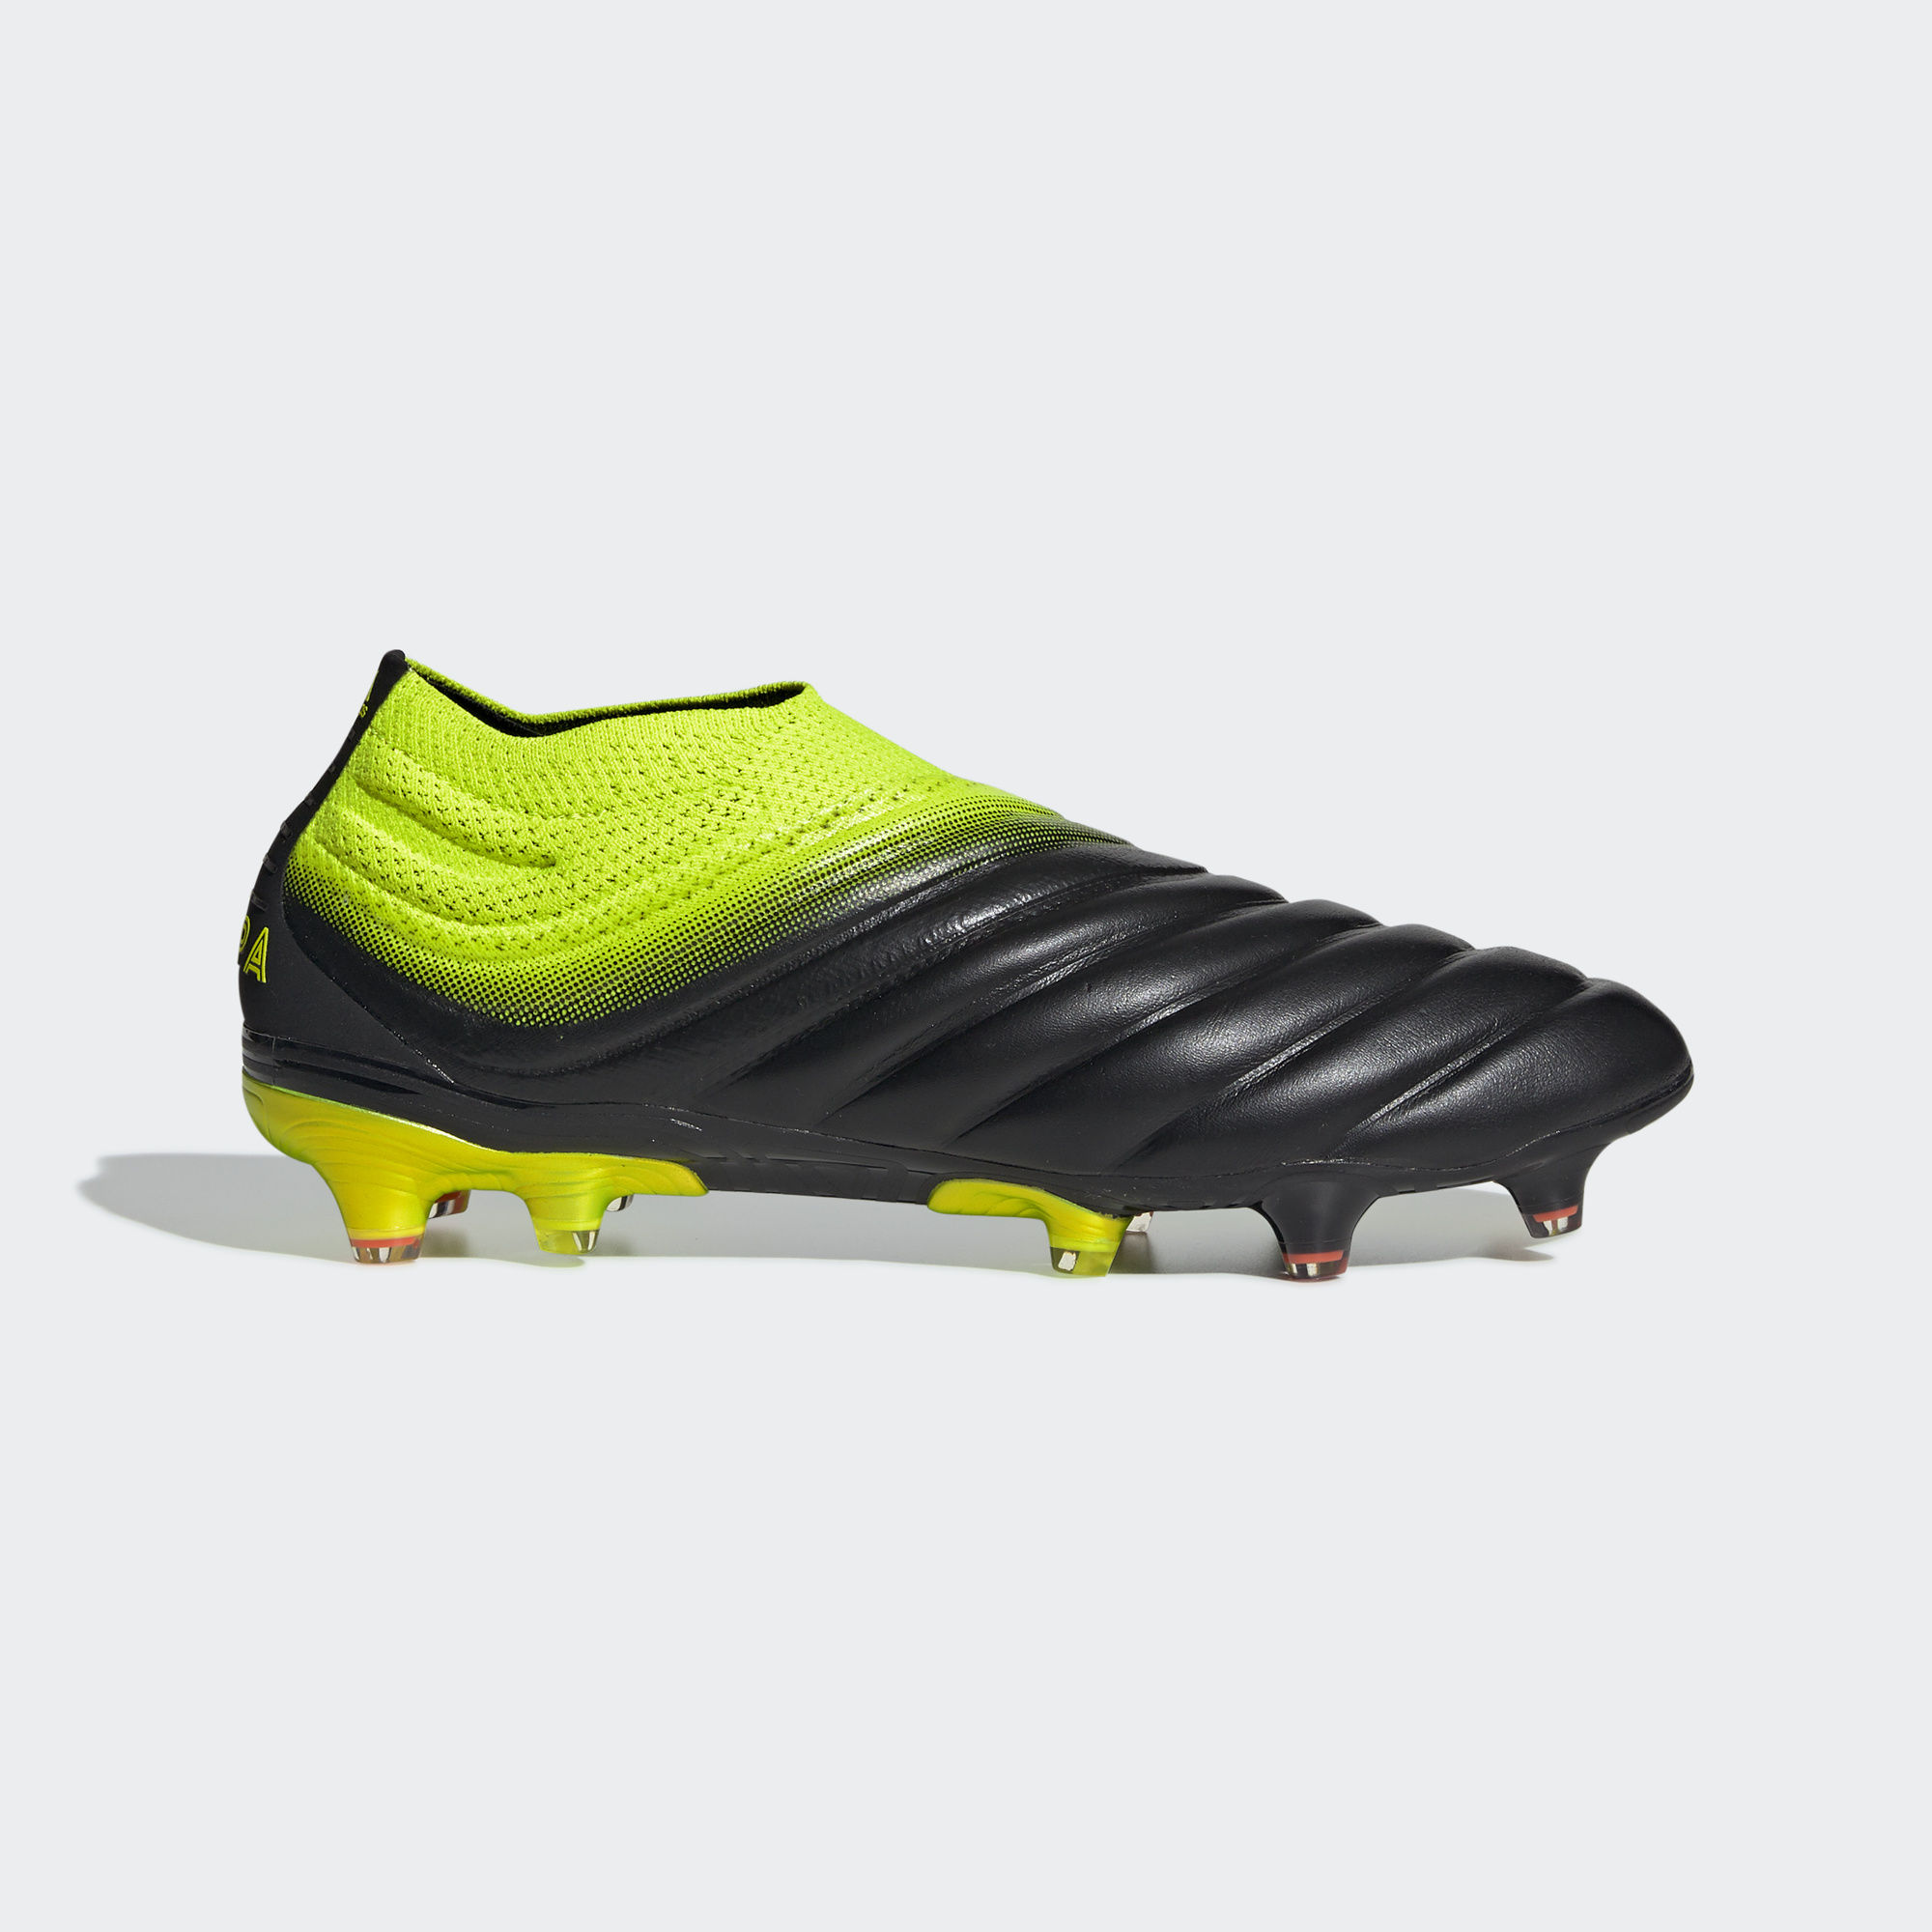 Футбольные бутсы Copa 19+ FG BB8087 adidas Performance - Украина ... fe0ae2e25ad8a